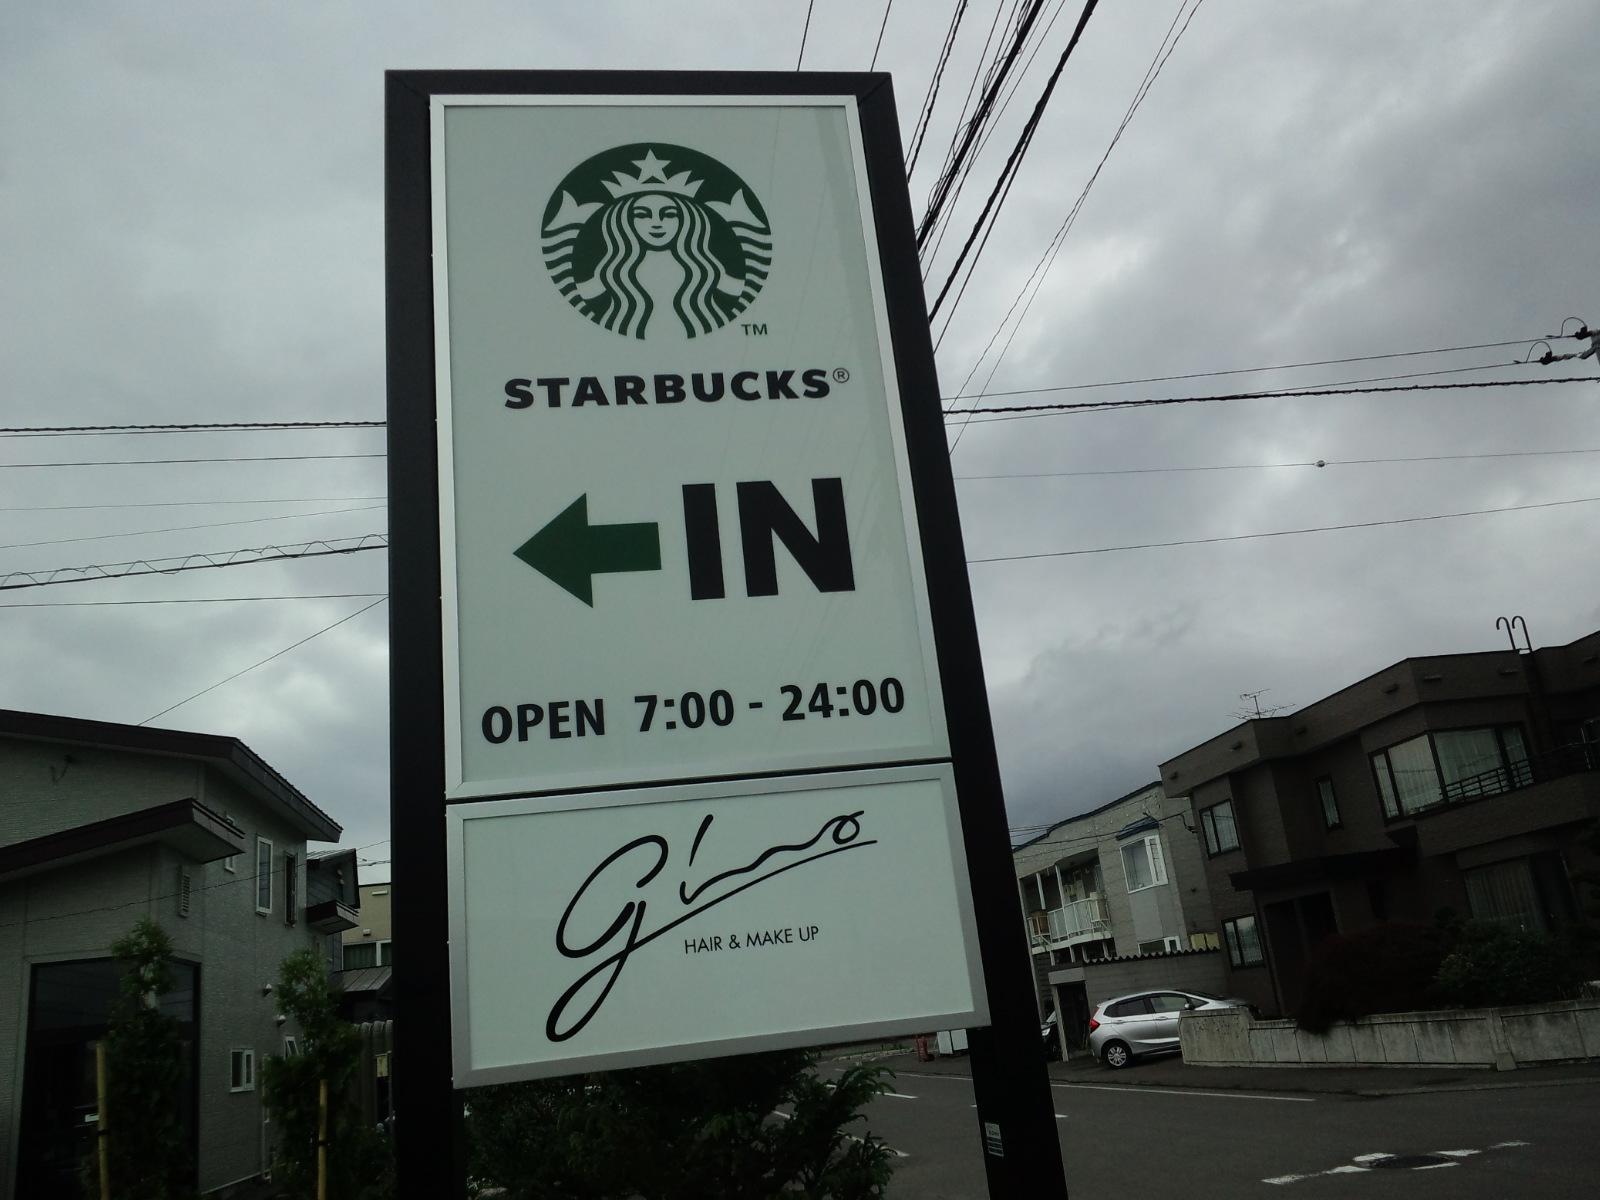 スターバックス東光店 いよいよ明日29日オープン_a0160770_16121428.jpg